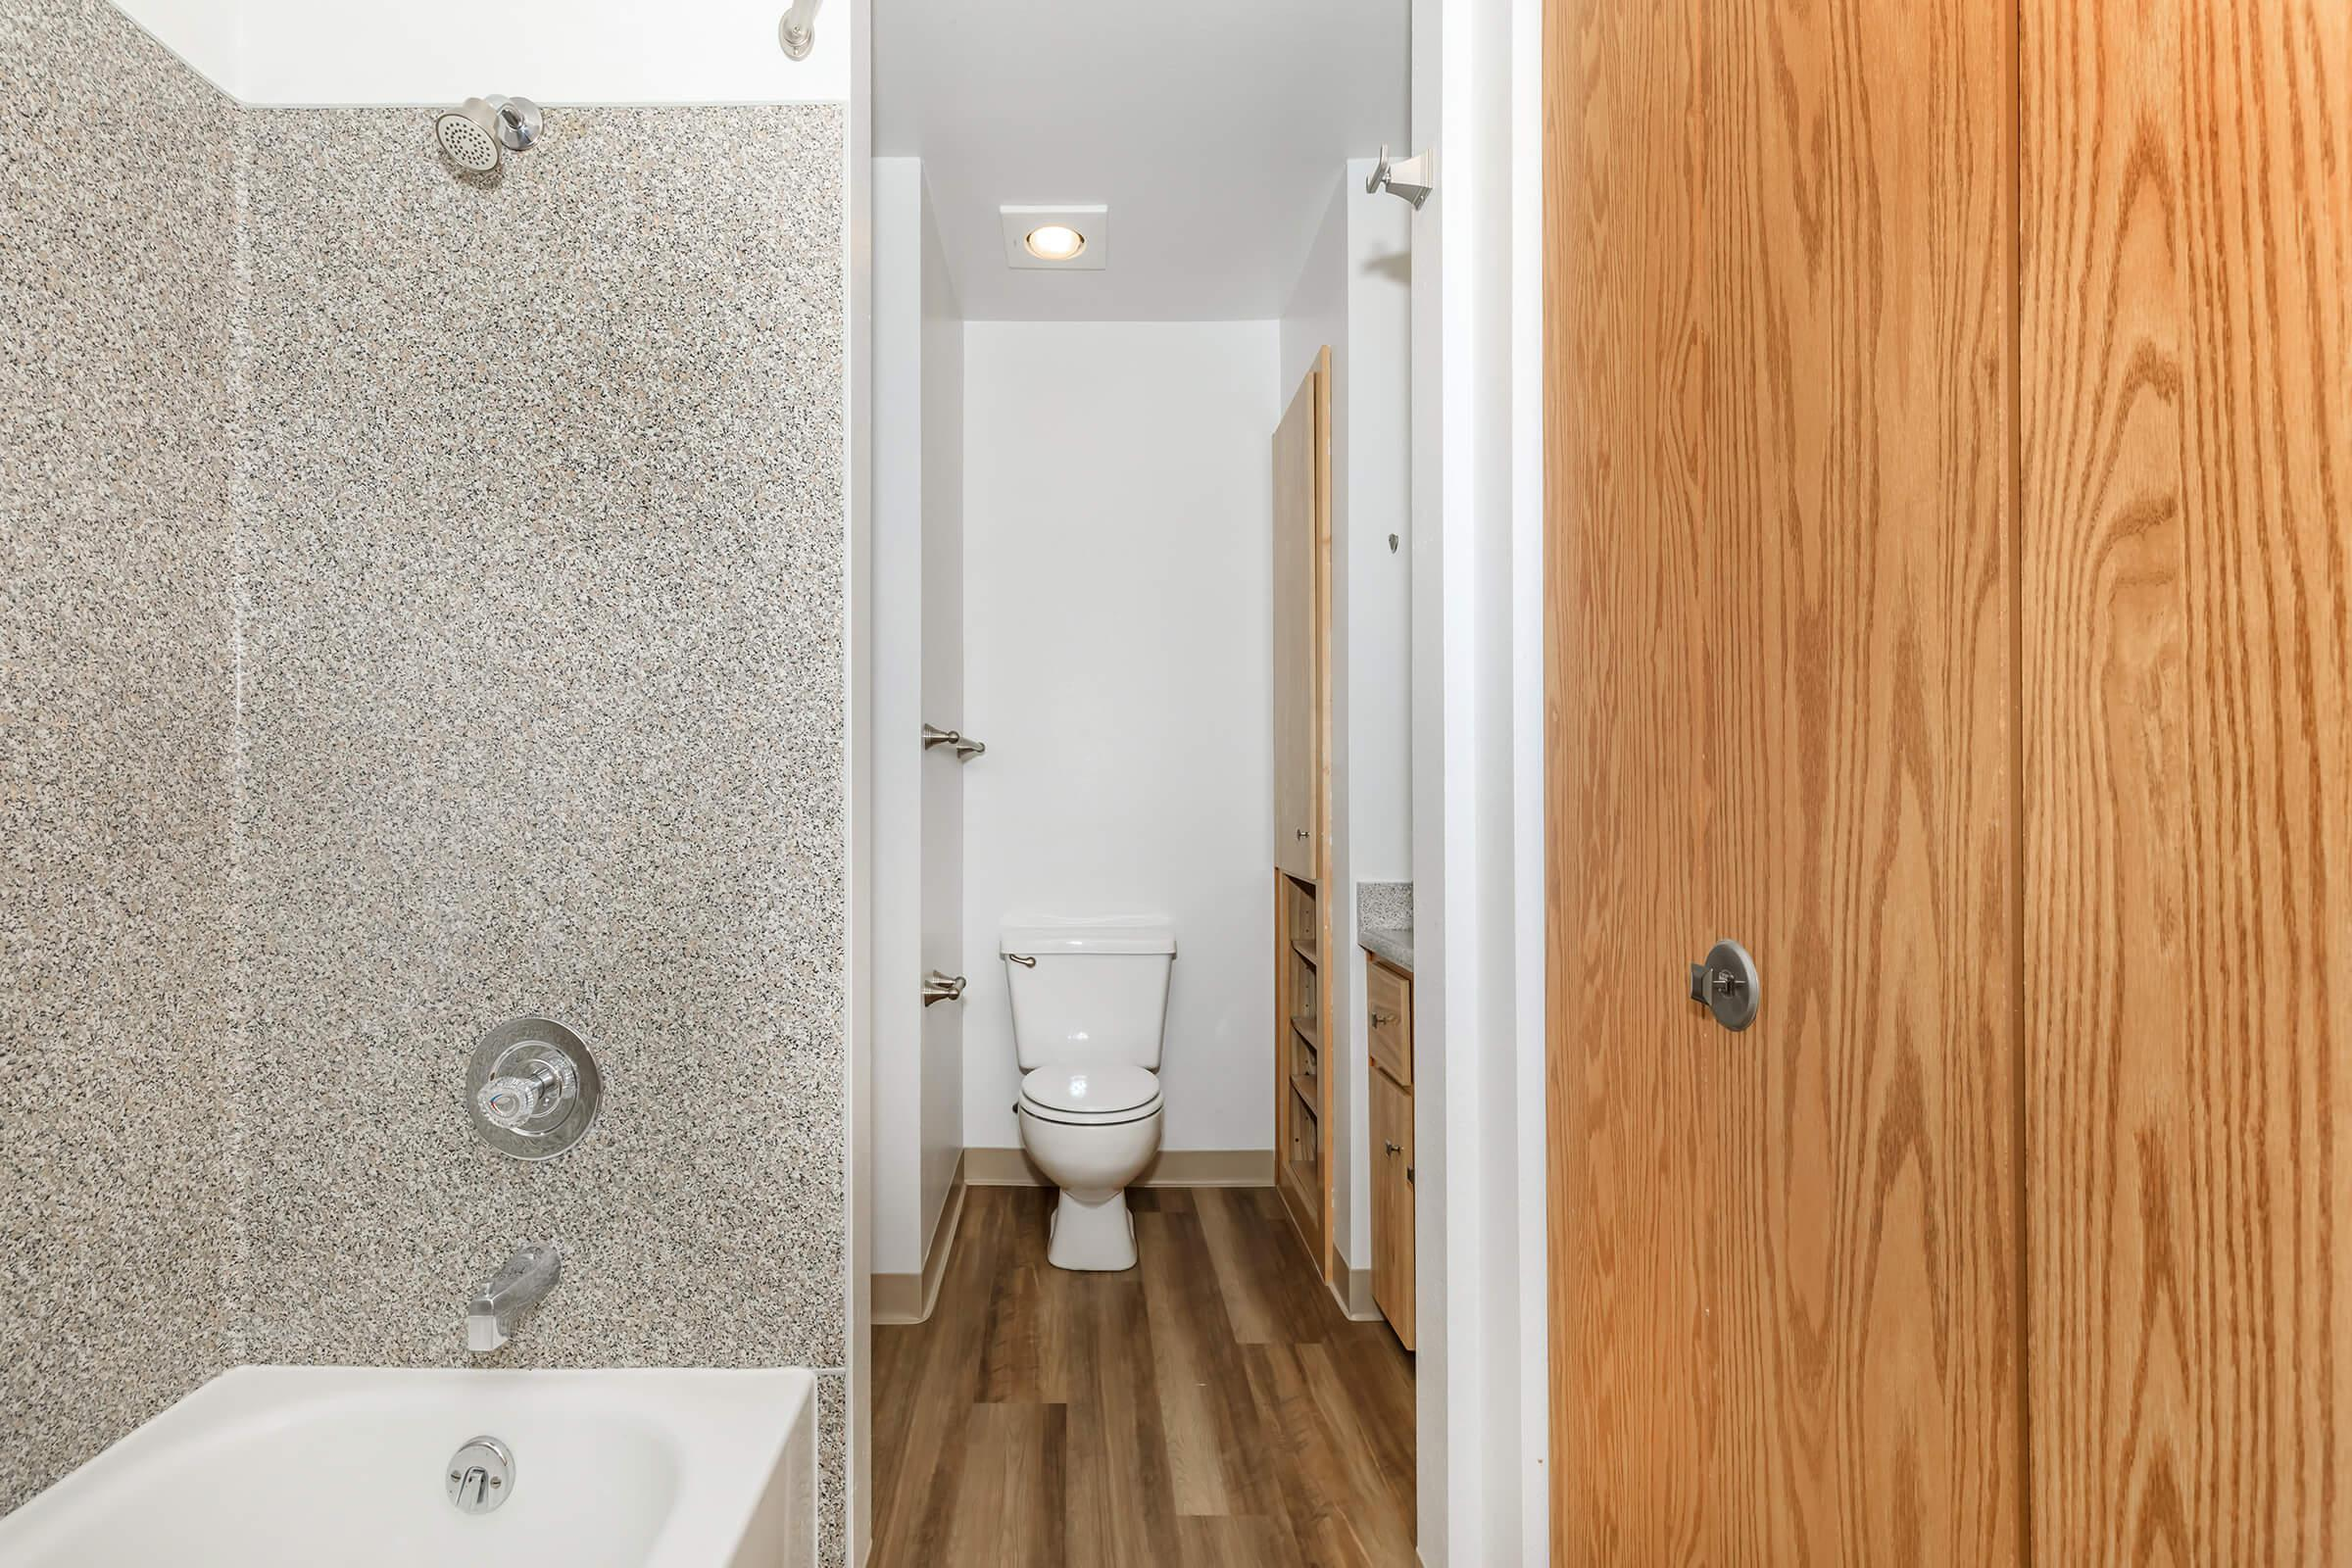 a close up of a door next to a shower